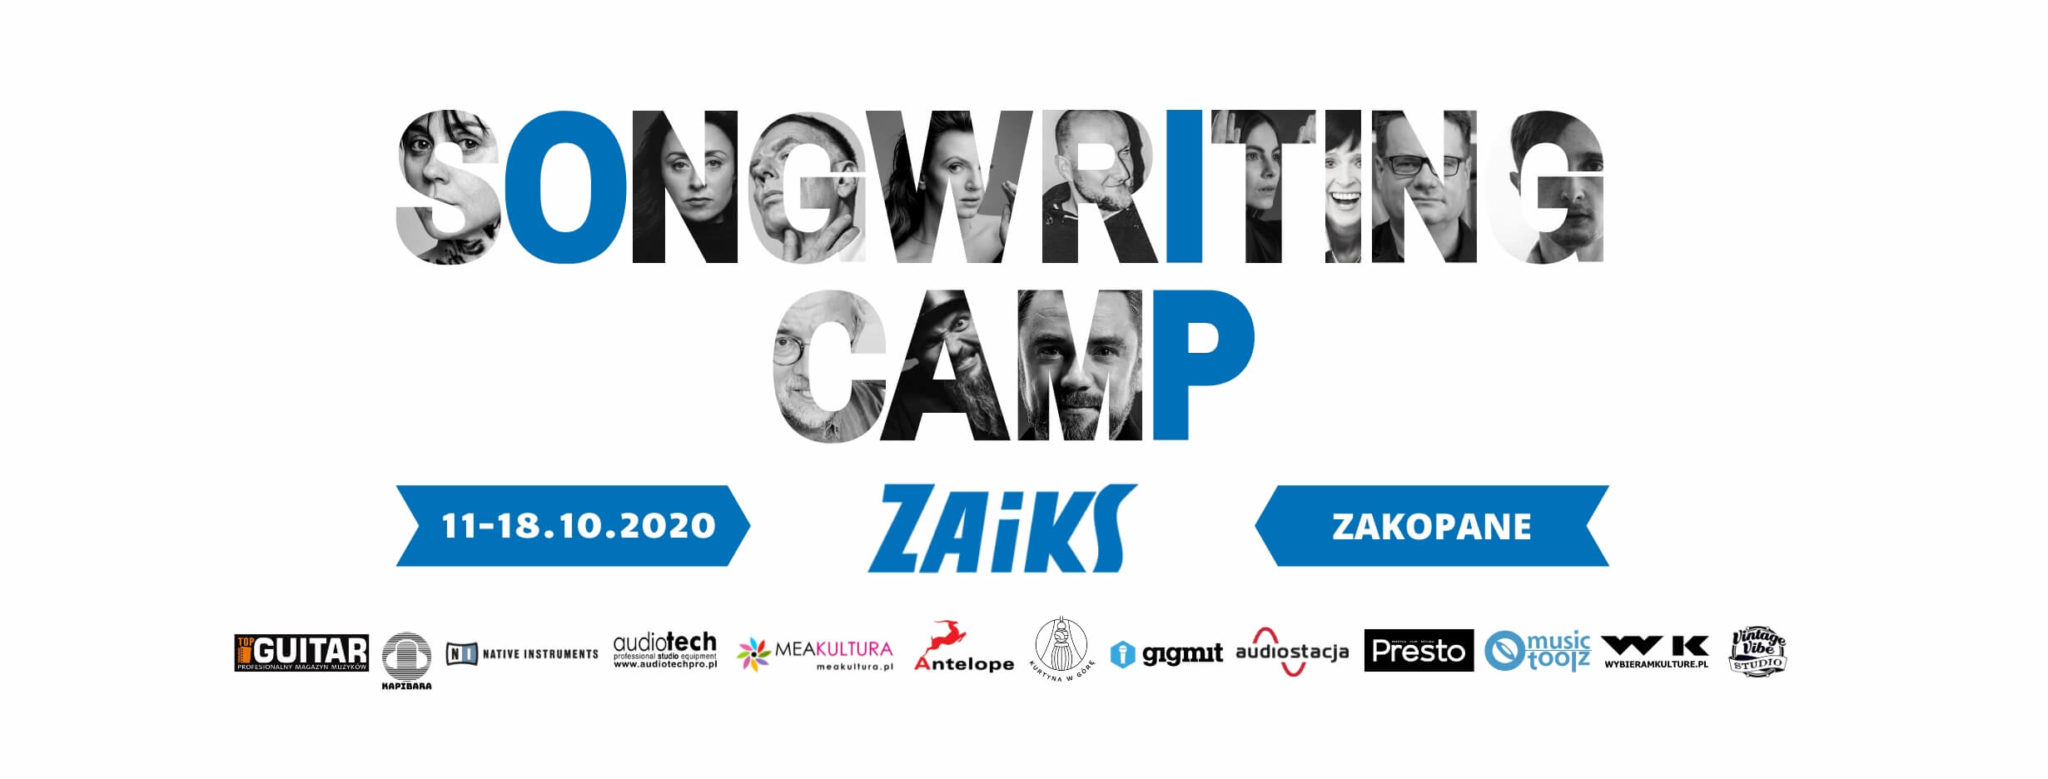 plakat warsztatów z gwiazdami polskiej muzyki